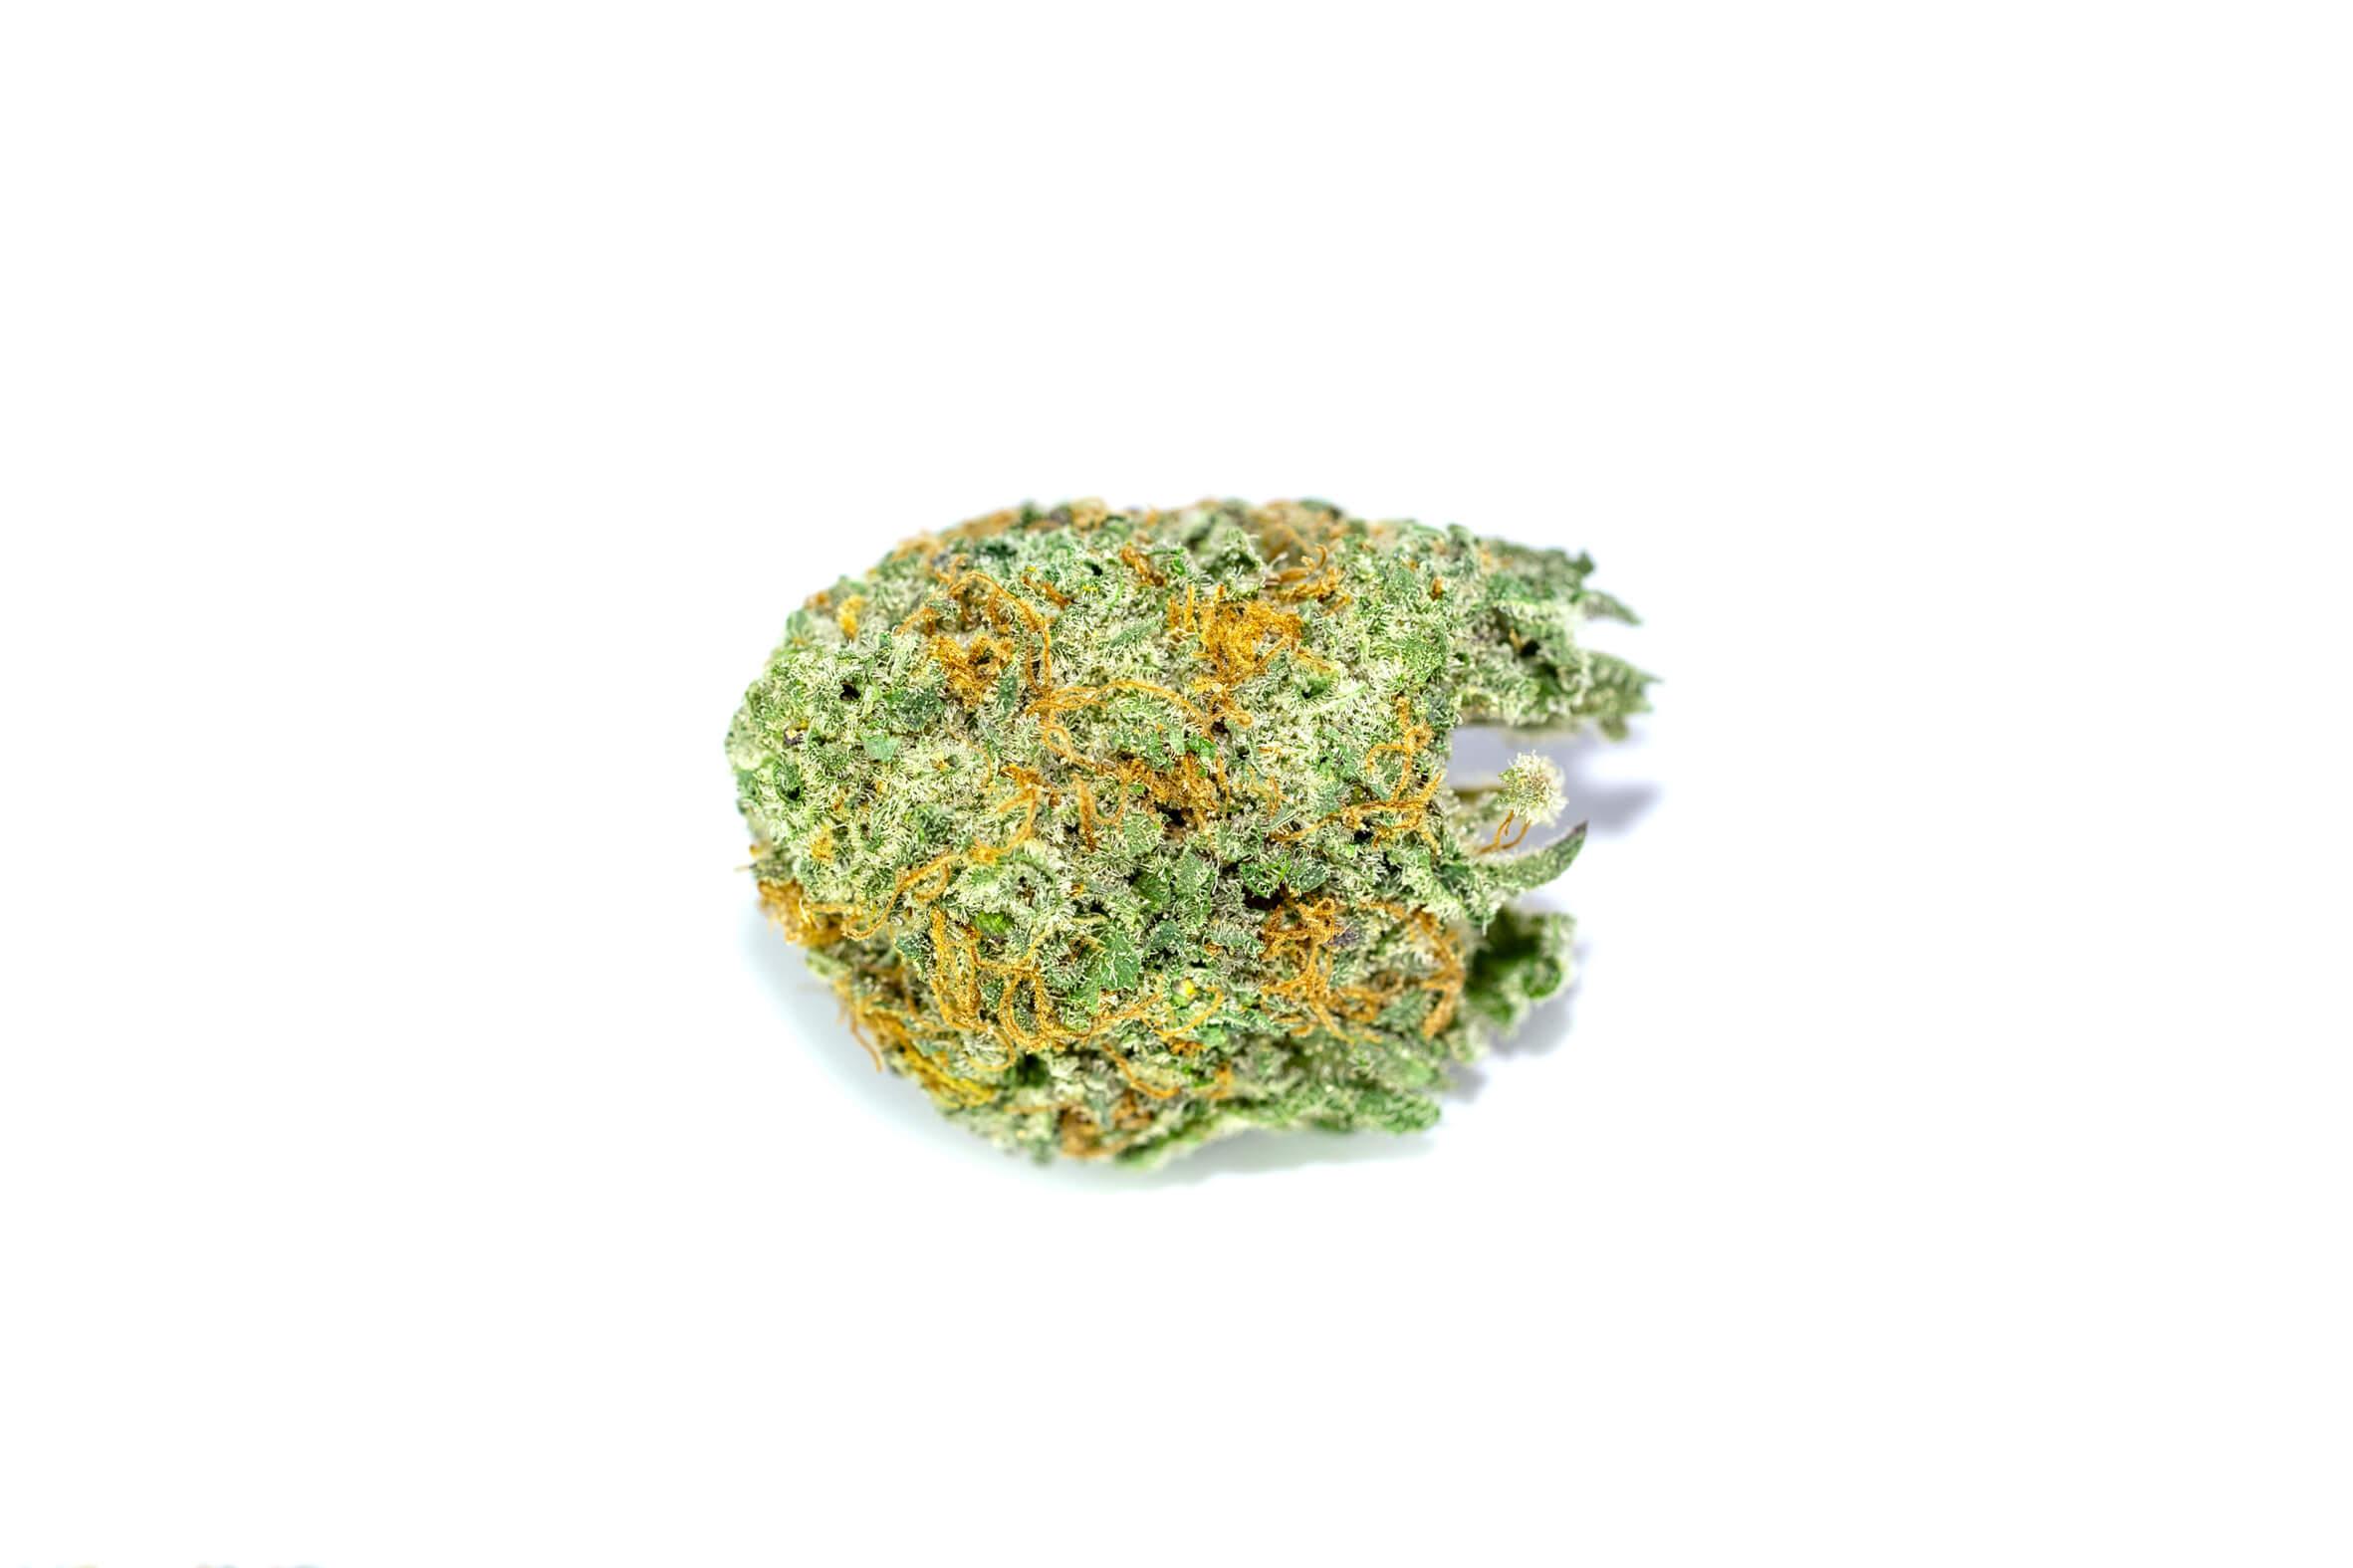 Green Crack strain photo 1